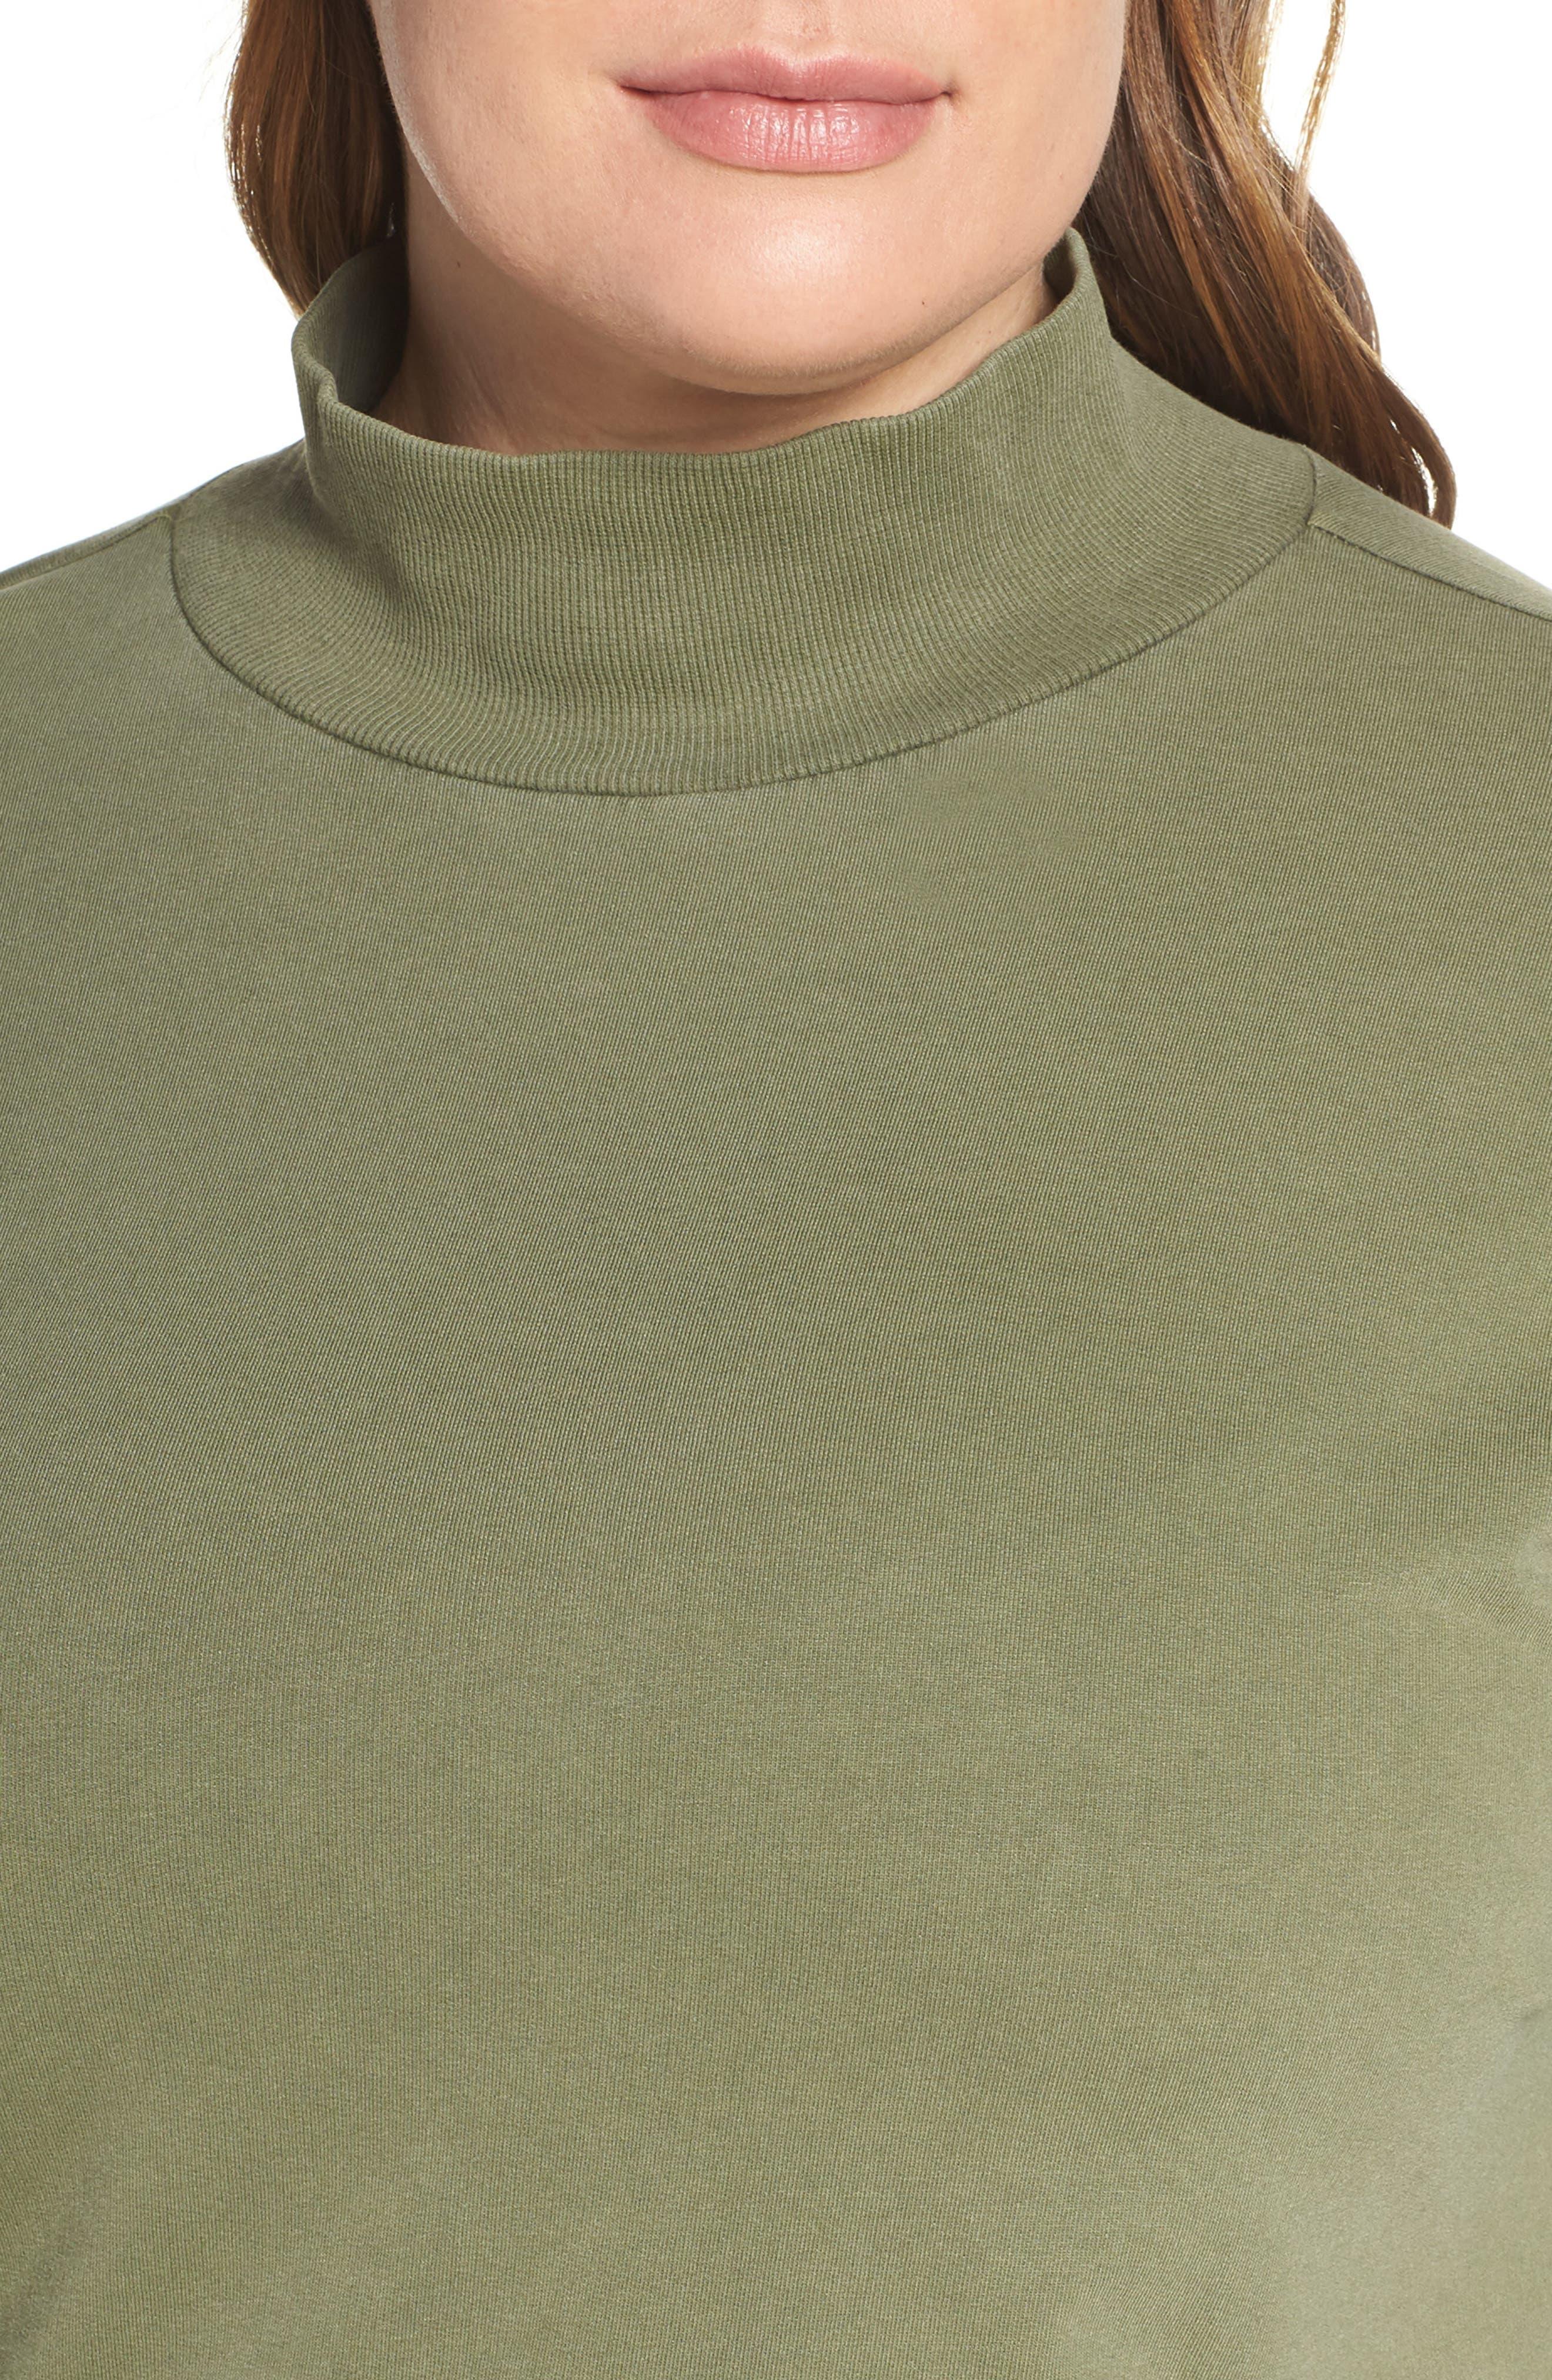 BP., Washed Mock Neck Sweatshirt, Alternate thumbnail 10, color, OLIVE BURNT